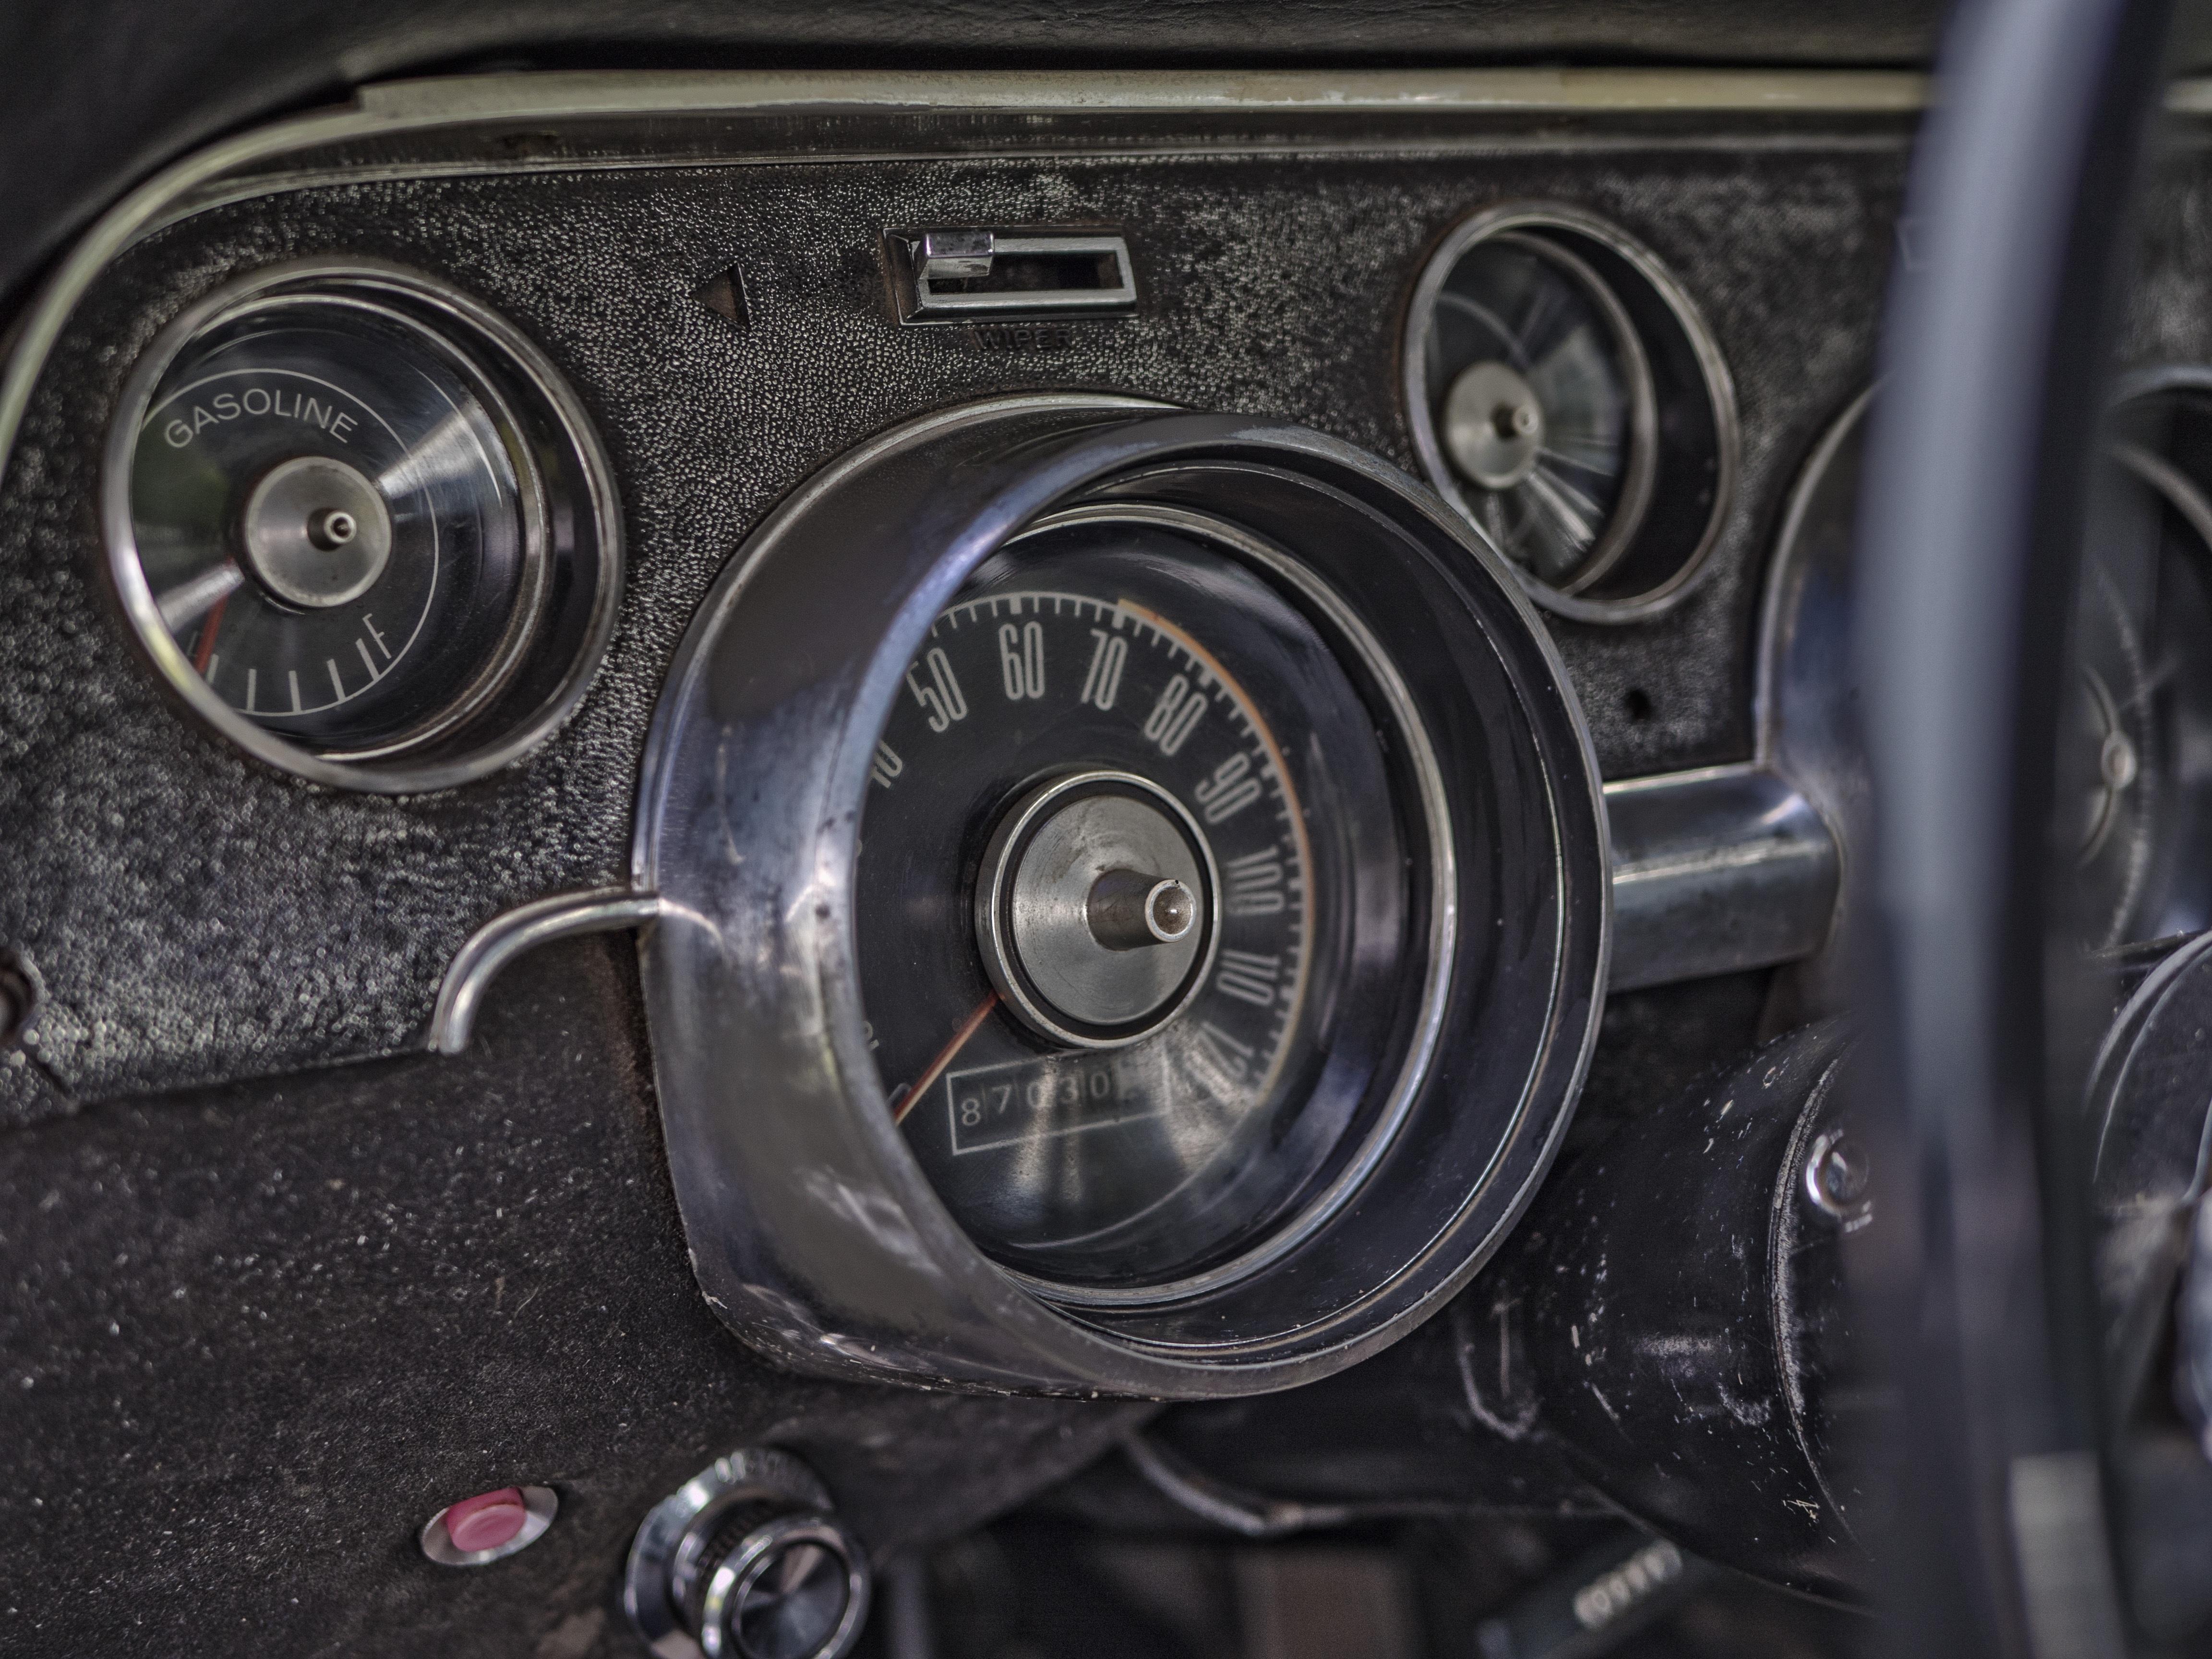 Gambar Vintage Roda Mengangkut Logam Keibaan Setir Mobil Dash Board Speedometer Tombol Antik Hdr Klasik Khrom Mesin Pengemudian Pelek Sedan Gaya Mustang Berkilau Bergaya City Car Dashboard